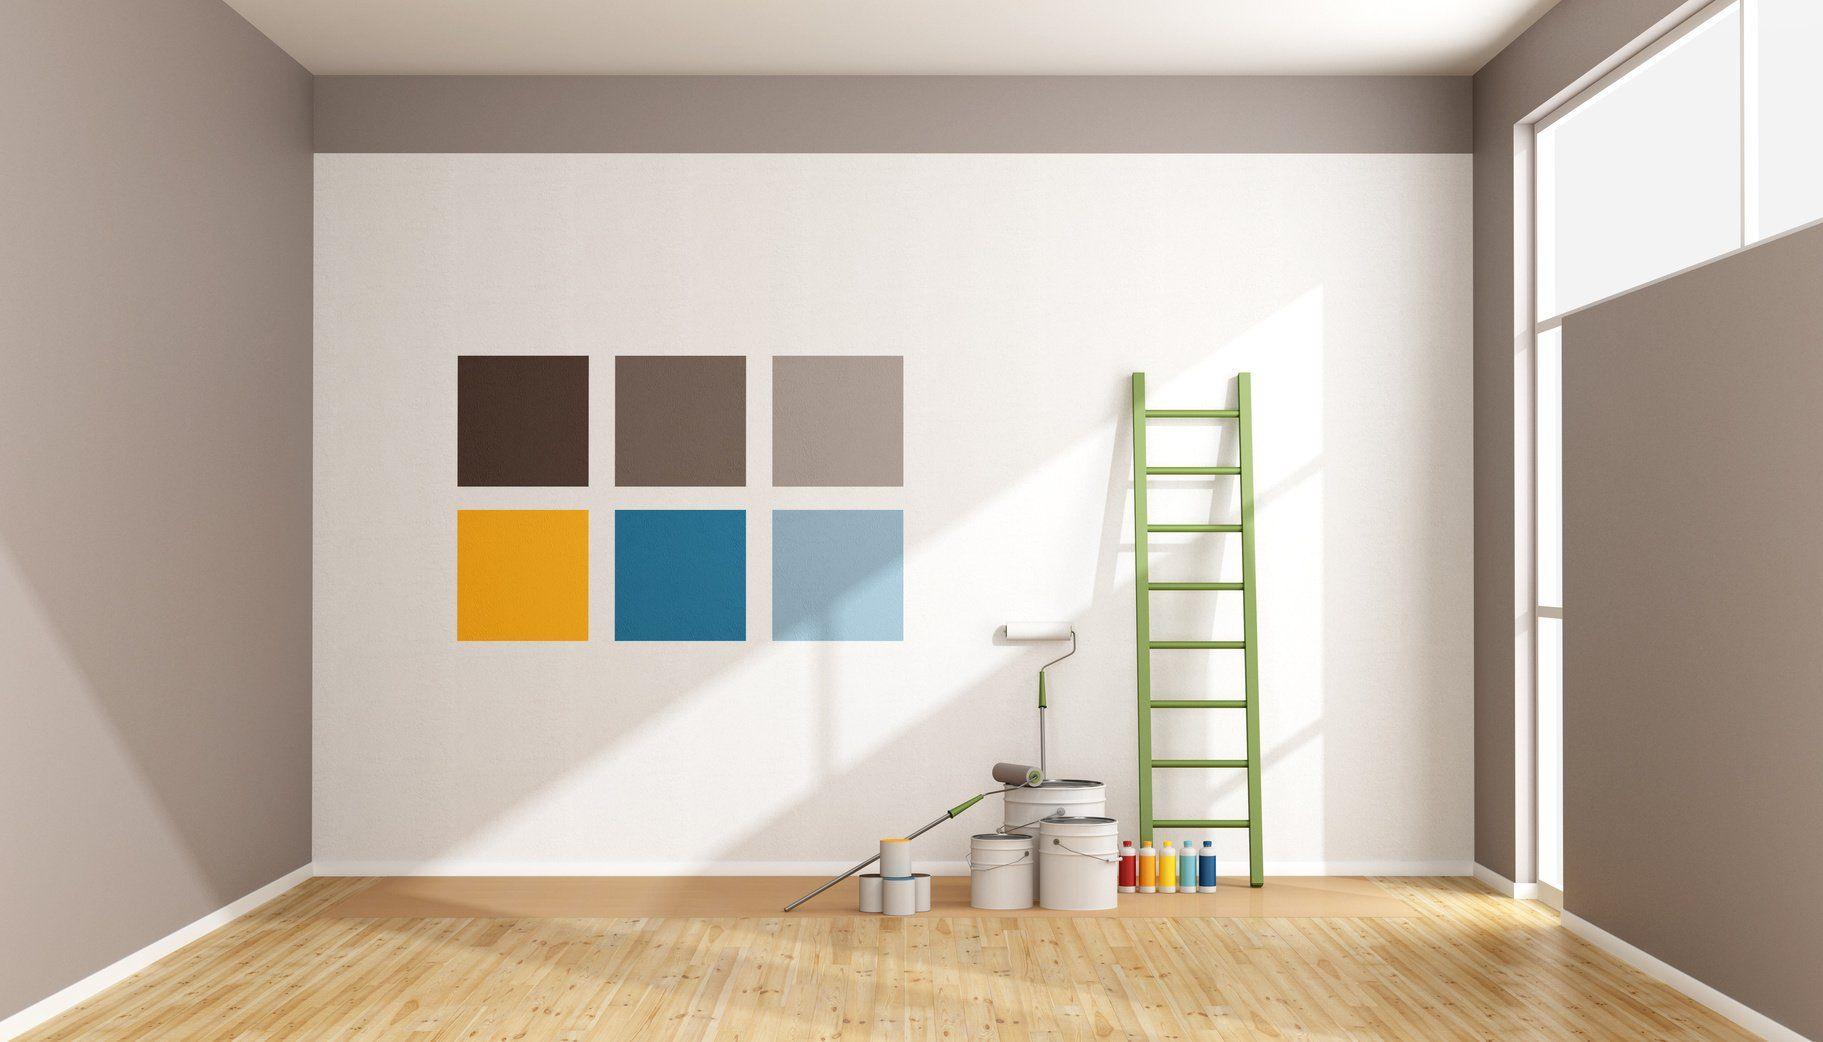 Estimer Le Prix De La Peinture Interieure D Une Maison